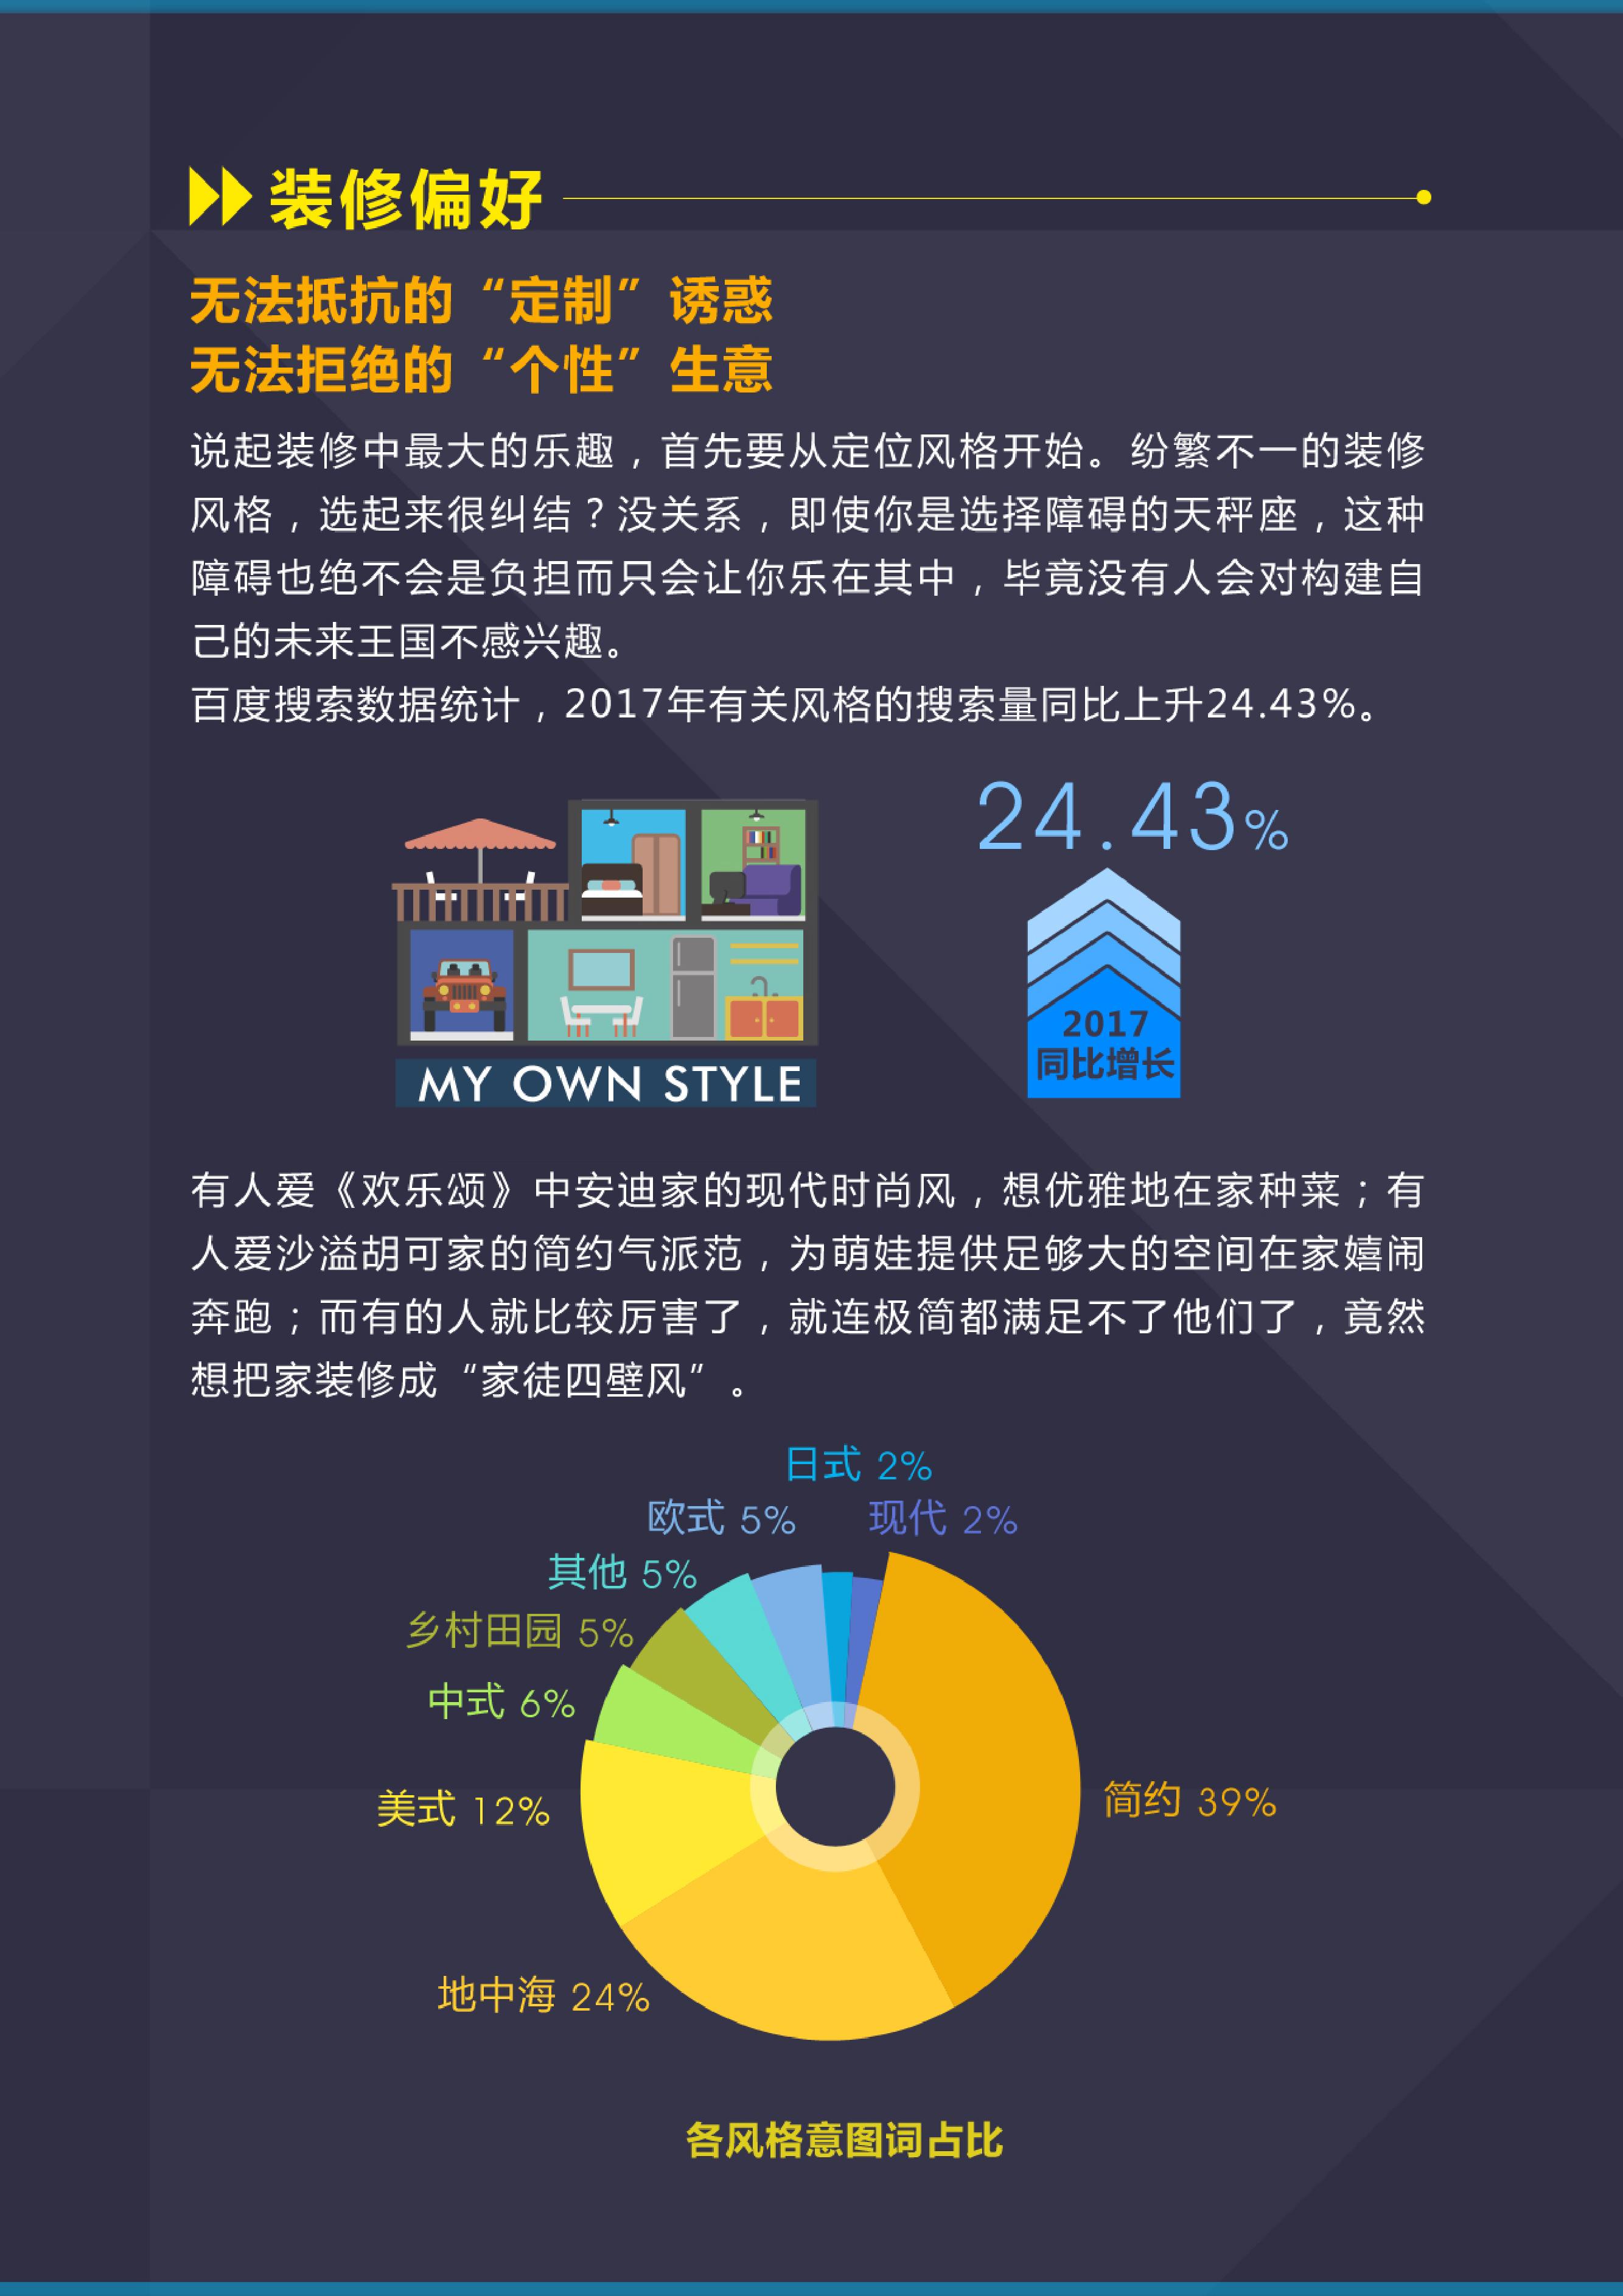 2017装修行业报告-09大数据